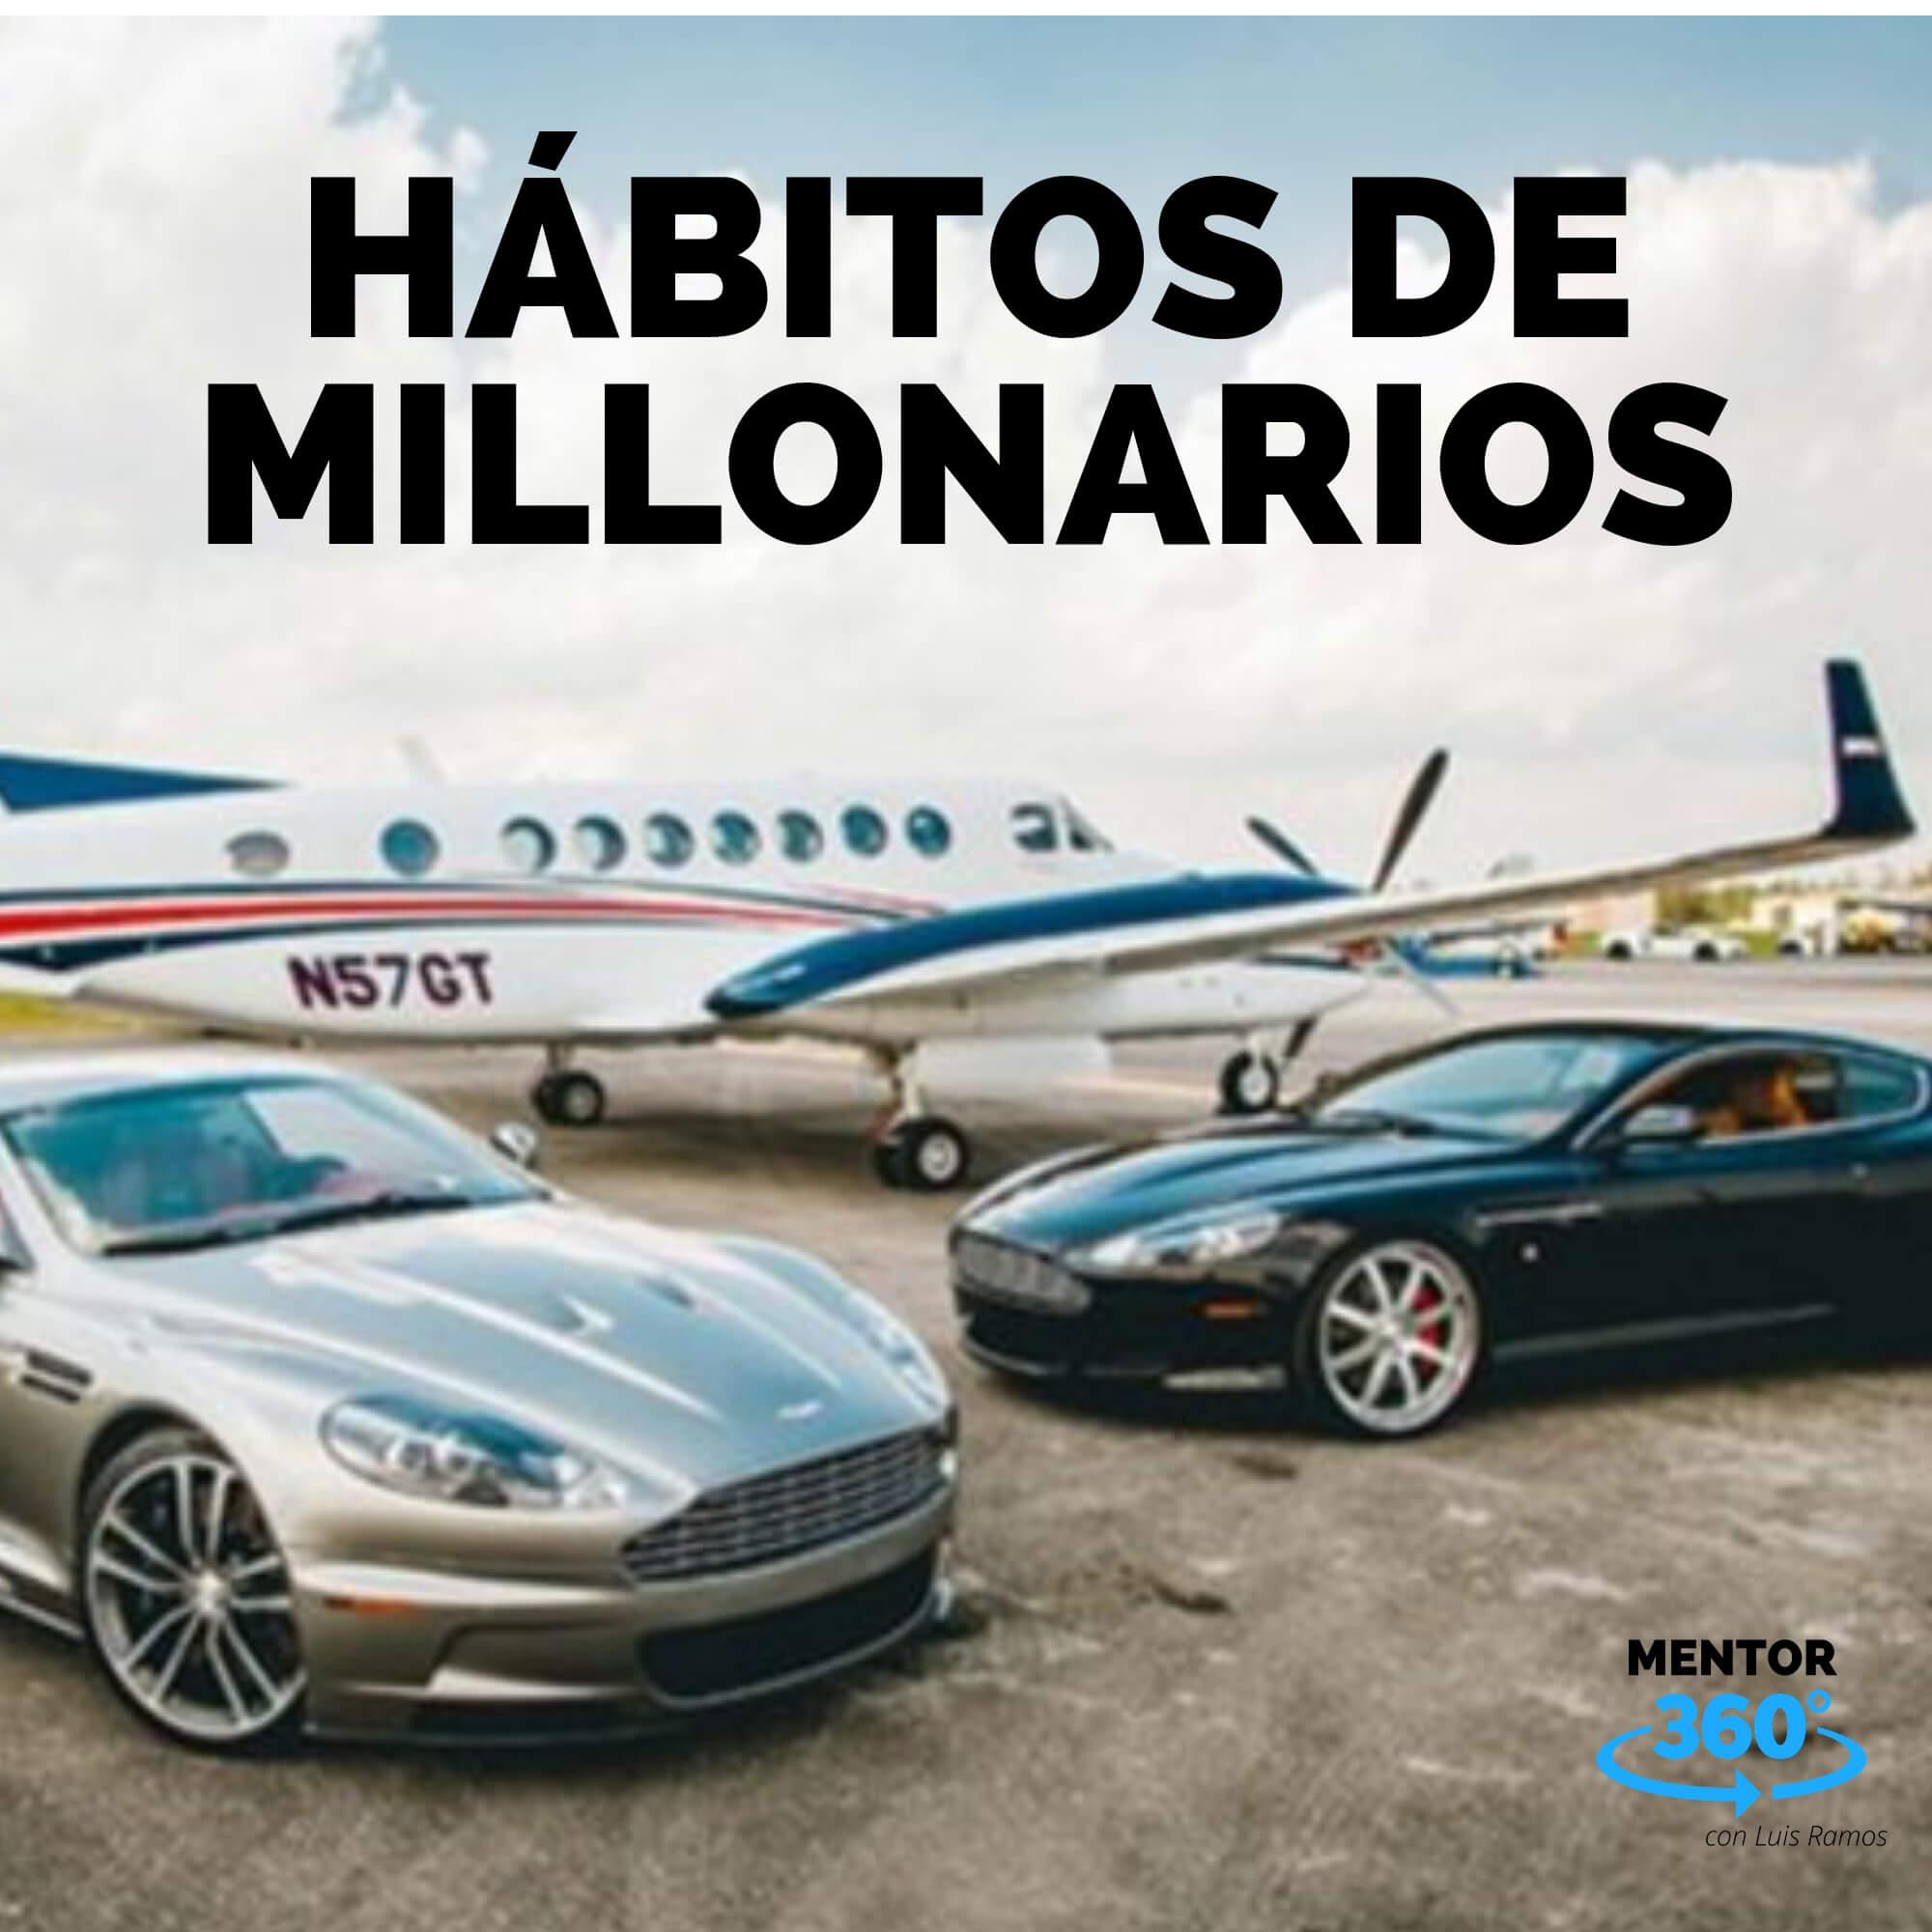 15 Hábitos de los Millonarios - MENTOR360